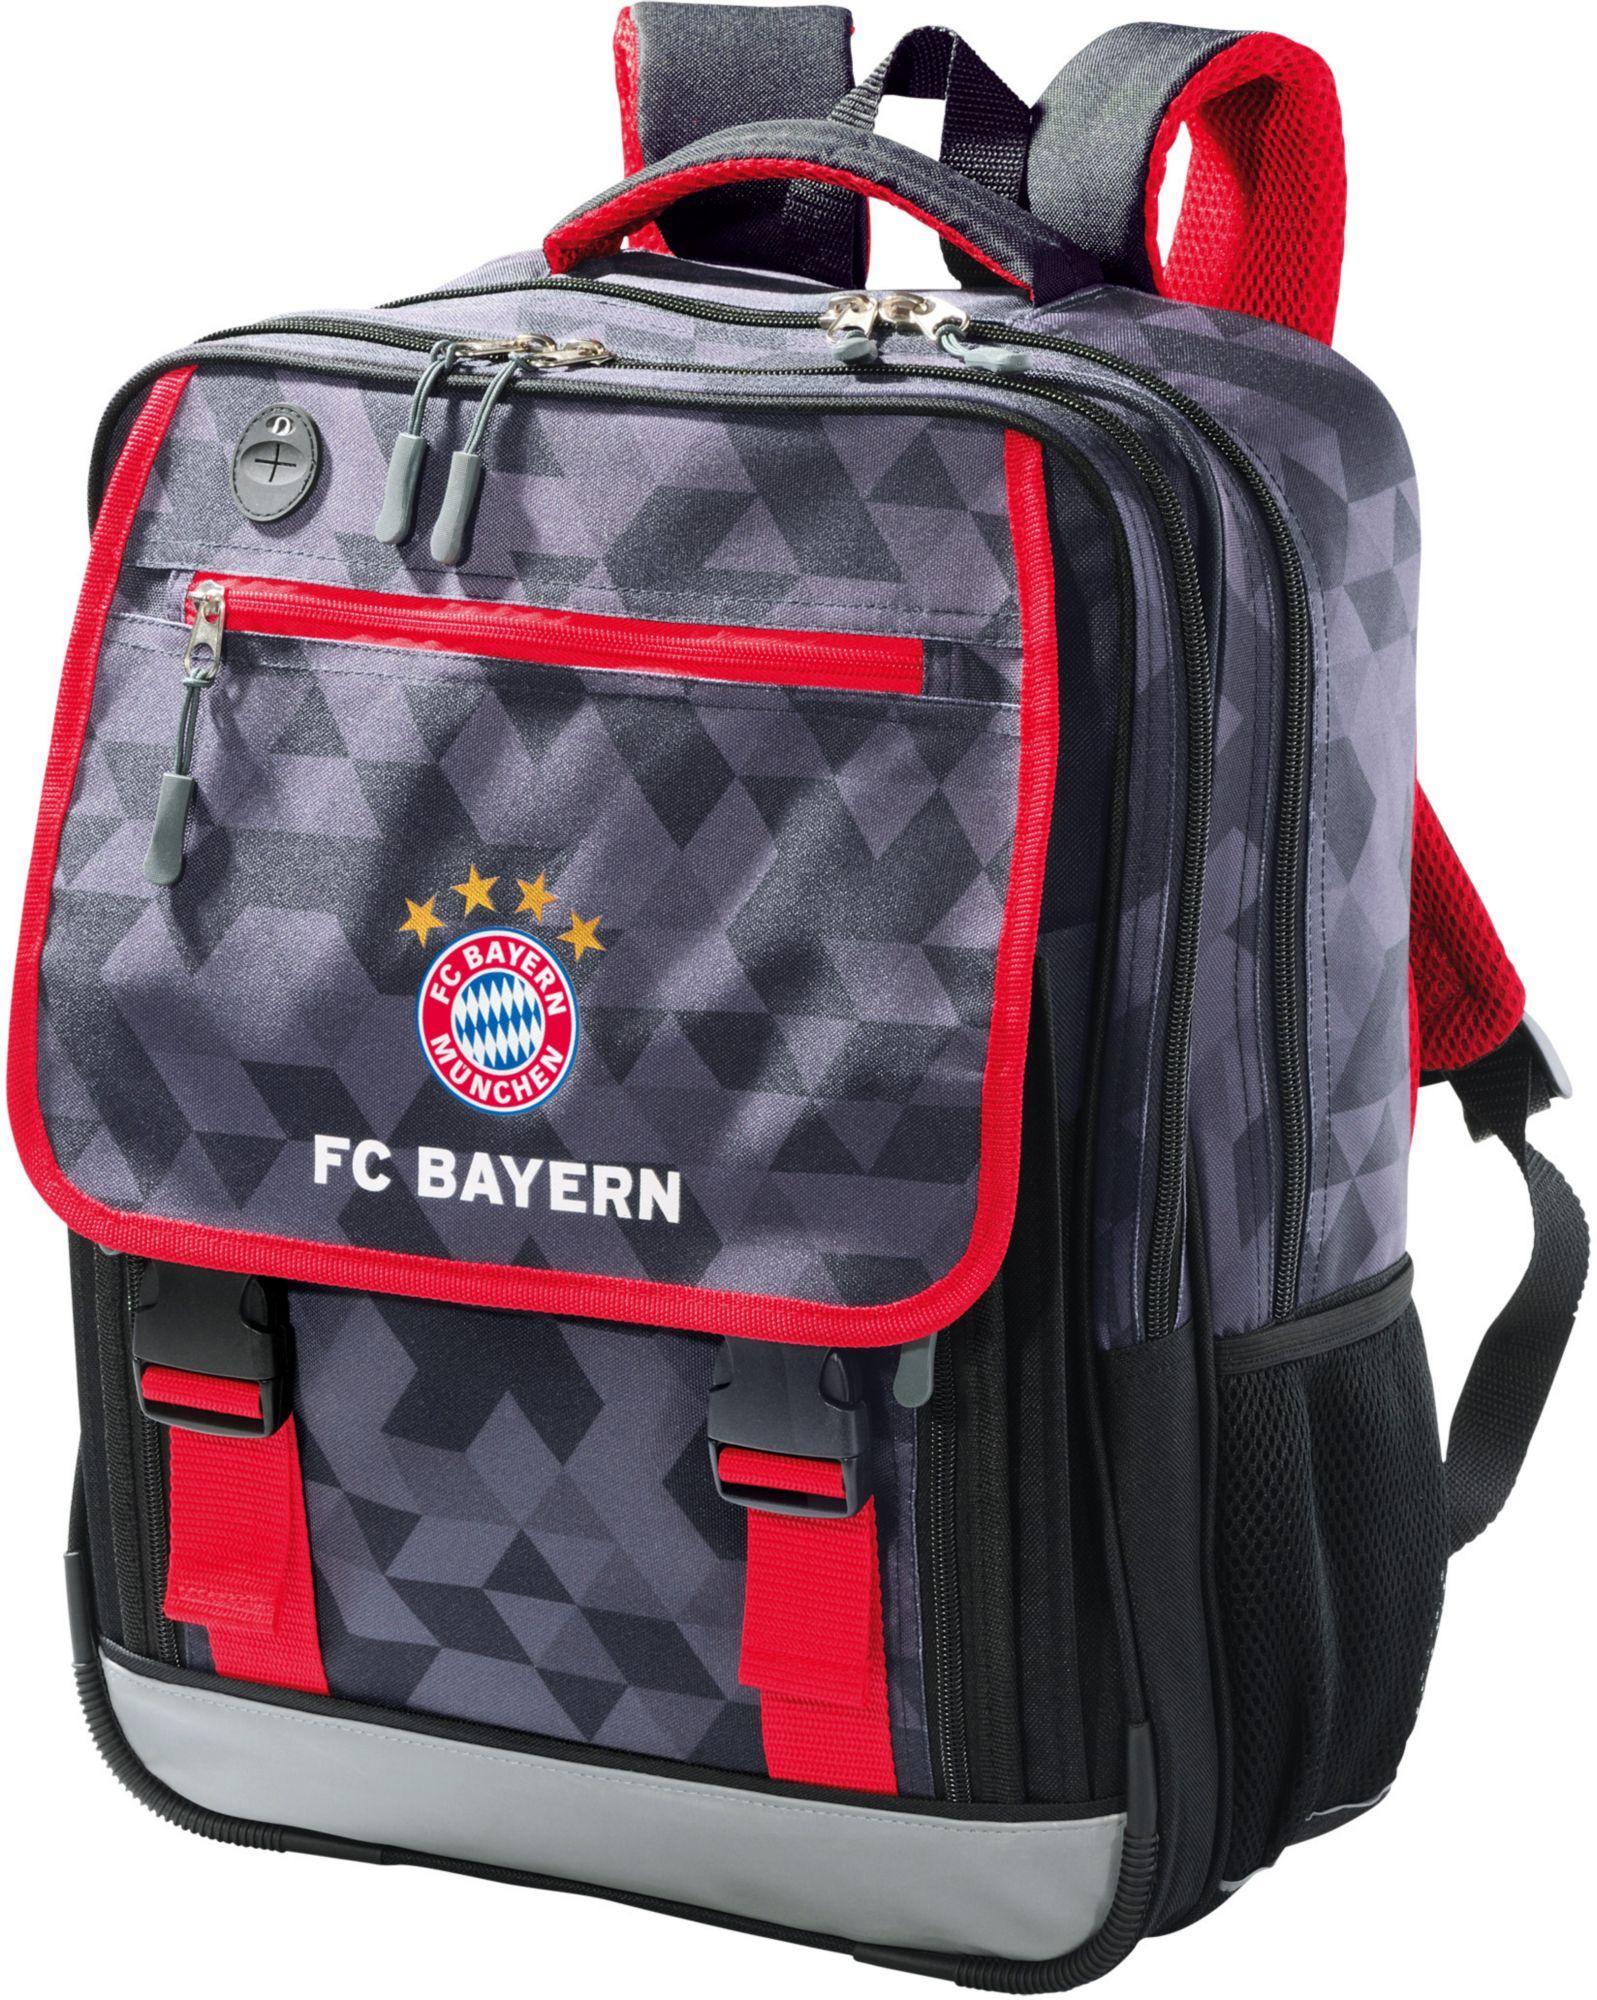 FC BAYERN FC Bayern Schulrucksack Classic